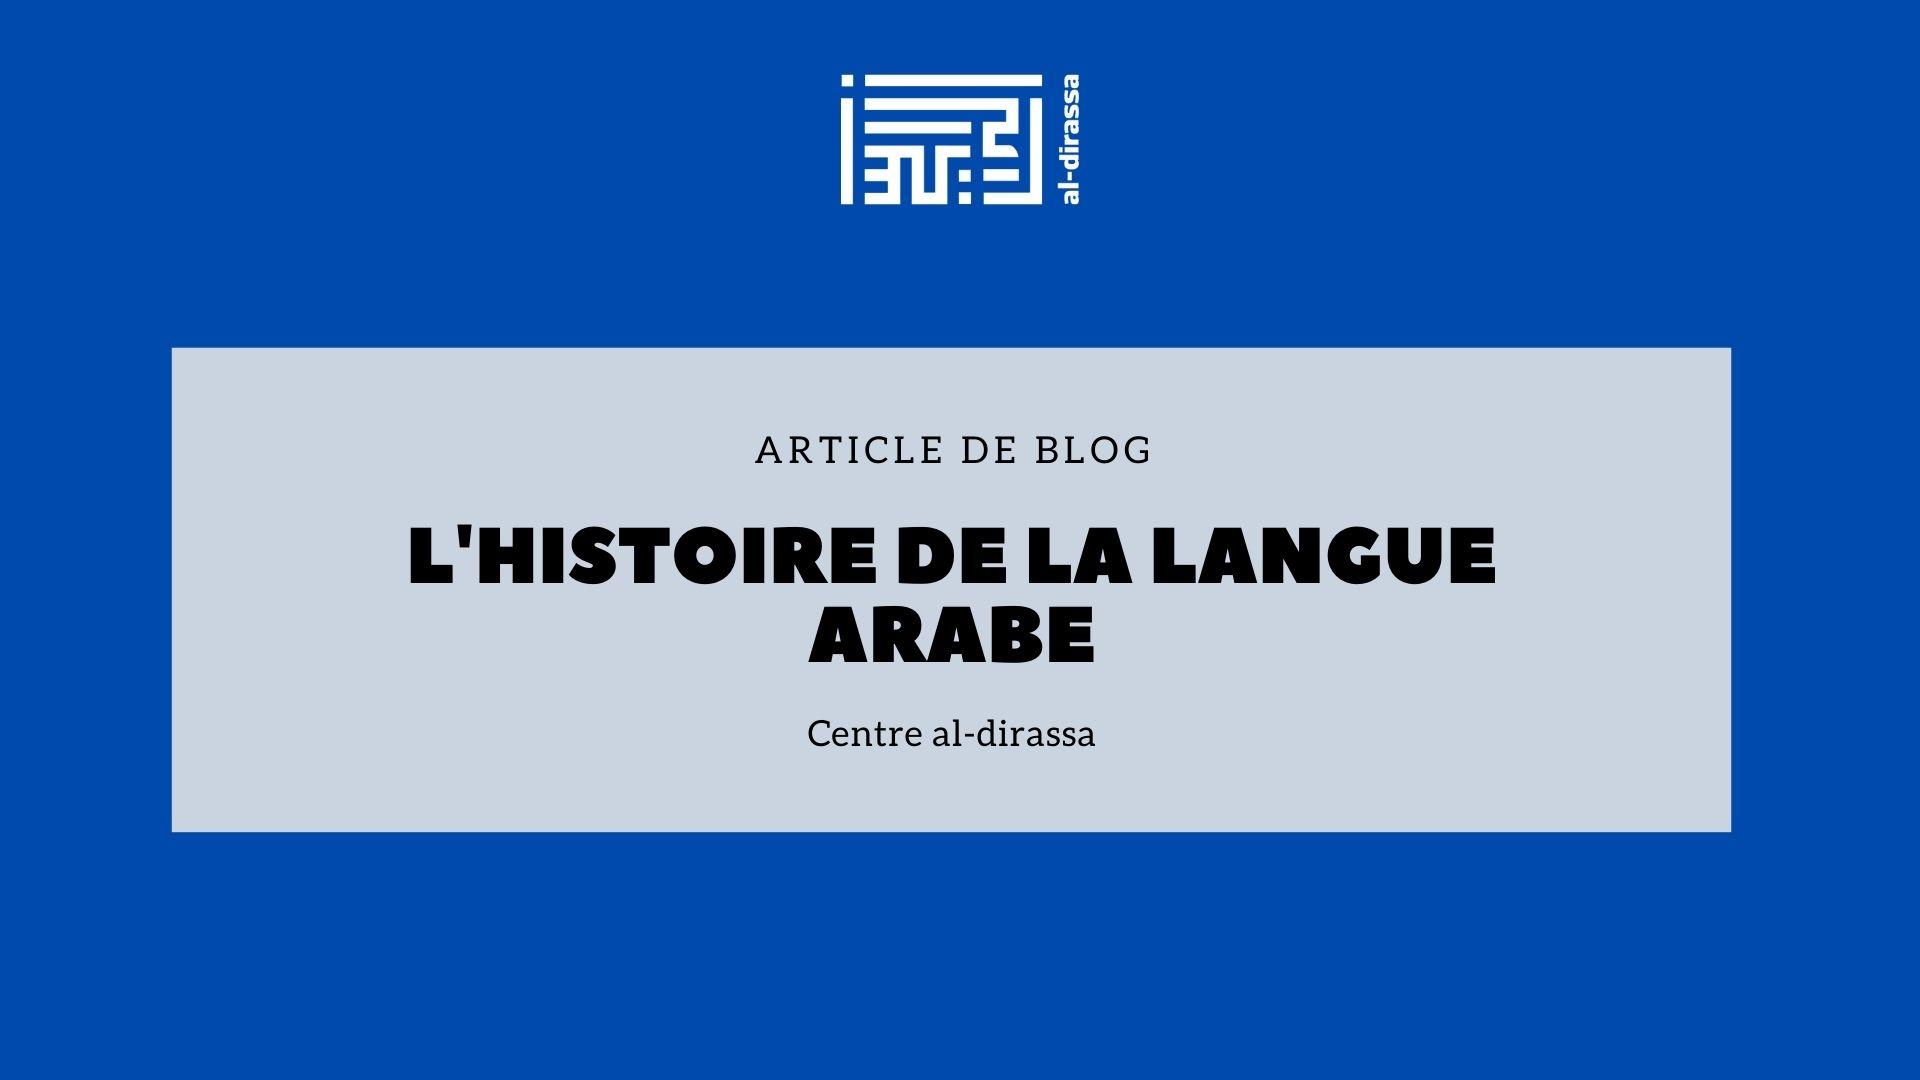 L'histoire de la langue arabe